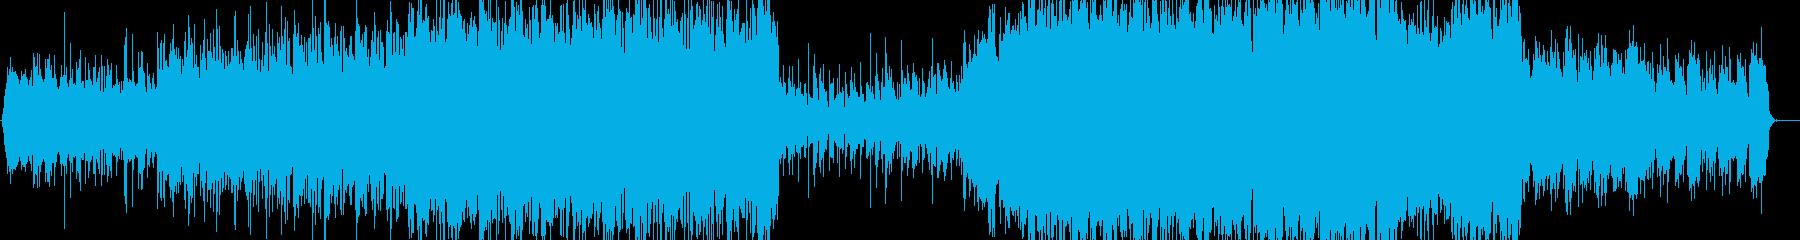 シンセサイザーの音と重厚なオーケストラ系の再生済みの波形